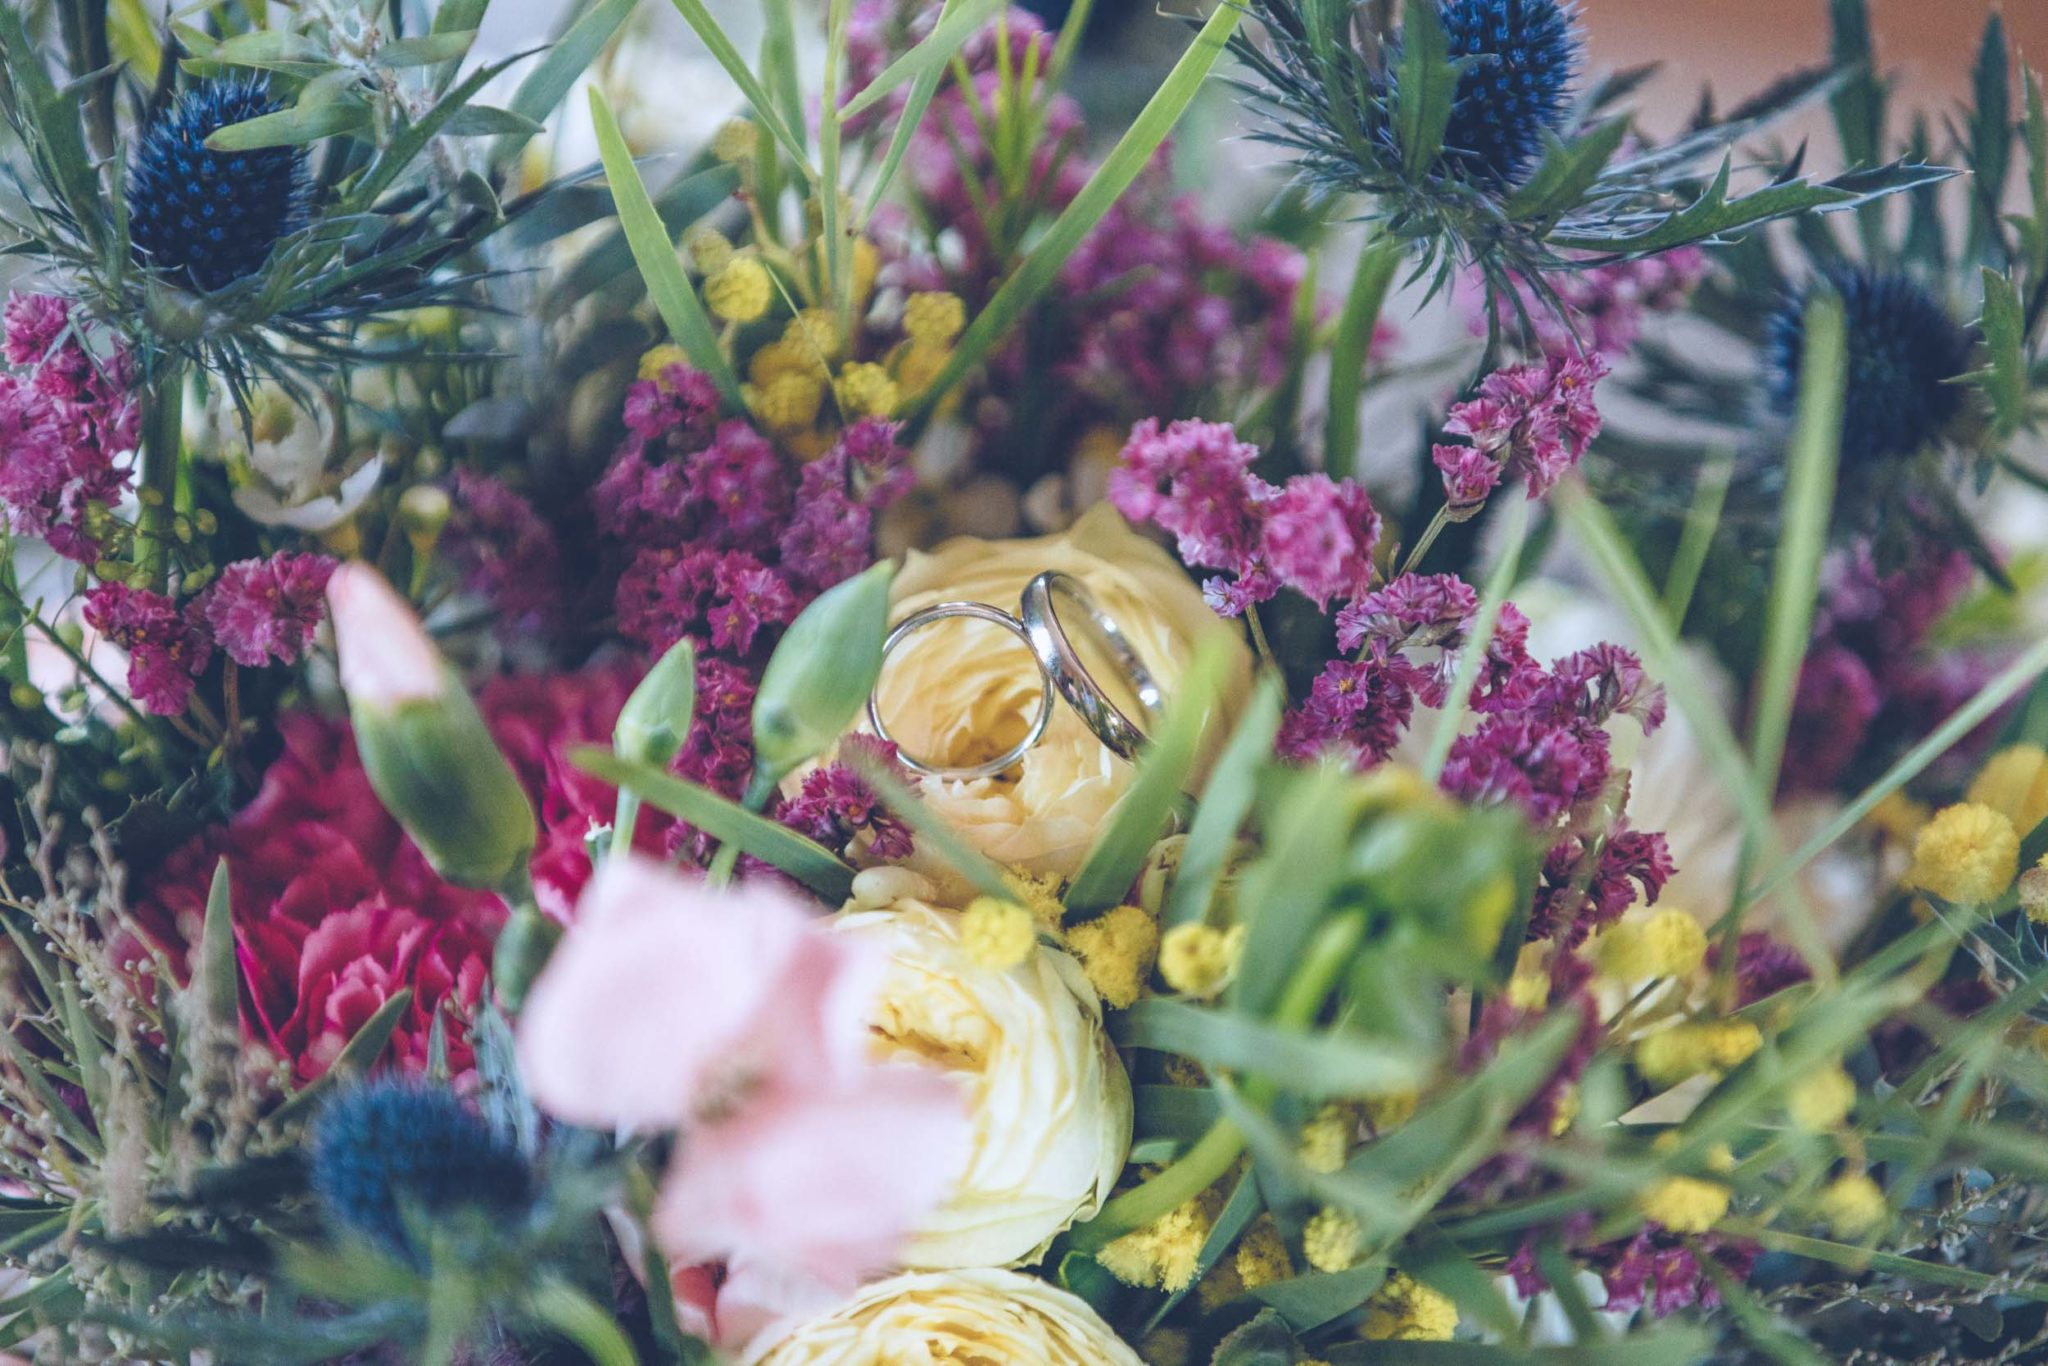 Bouquet de fleurs dans le cadre de l'organisation d'un mariage au Château pape Clément, à Pessac. Mariage organisé par l'Agence Amoren. Photo prise par Tristan Perrier.